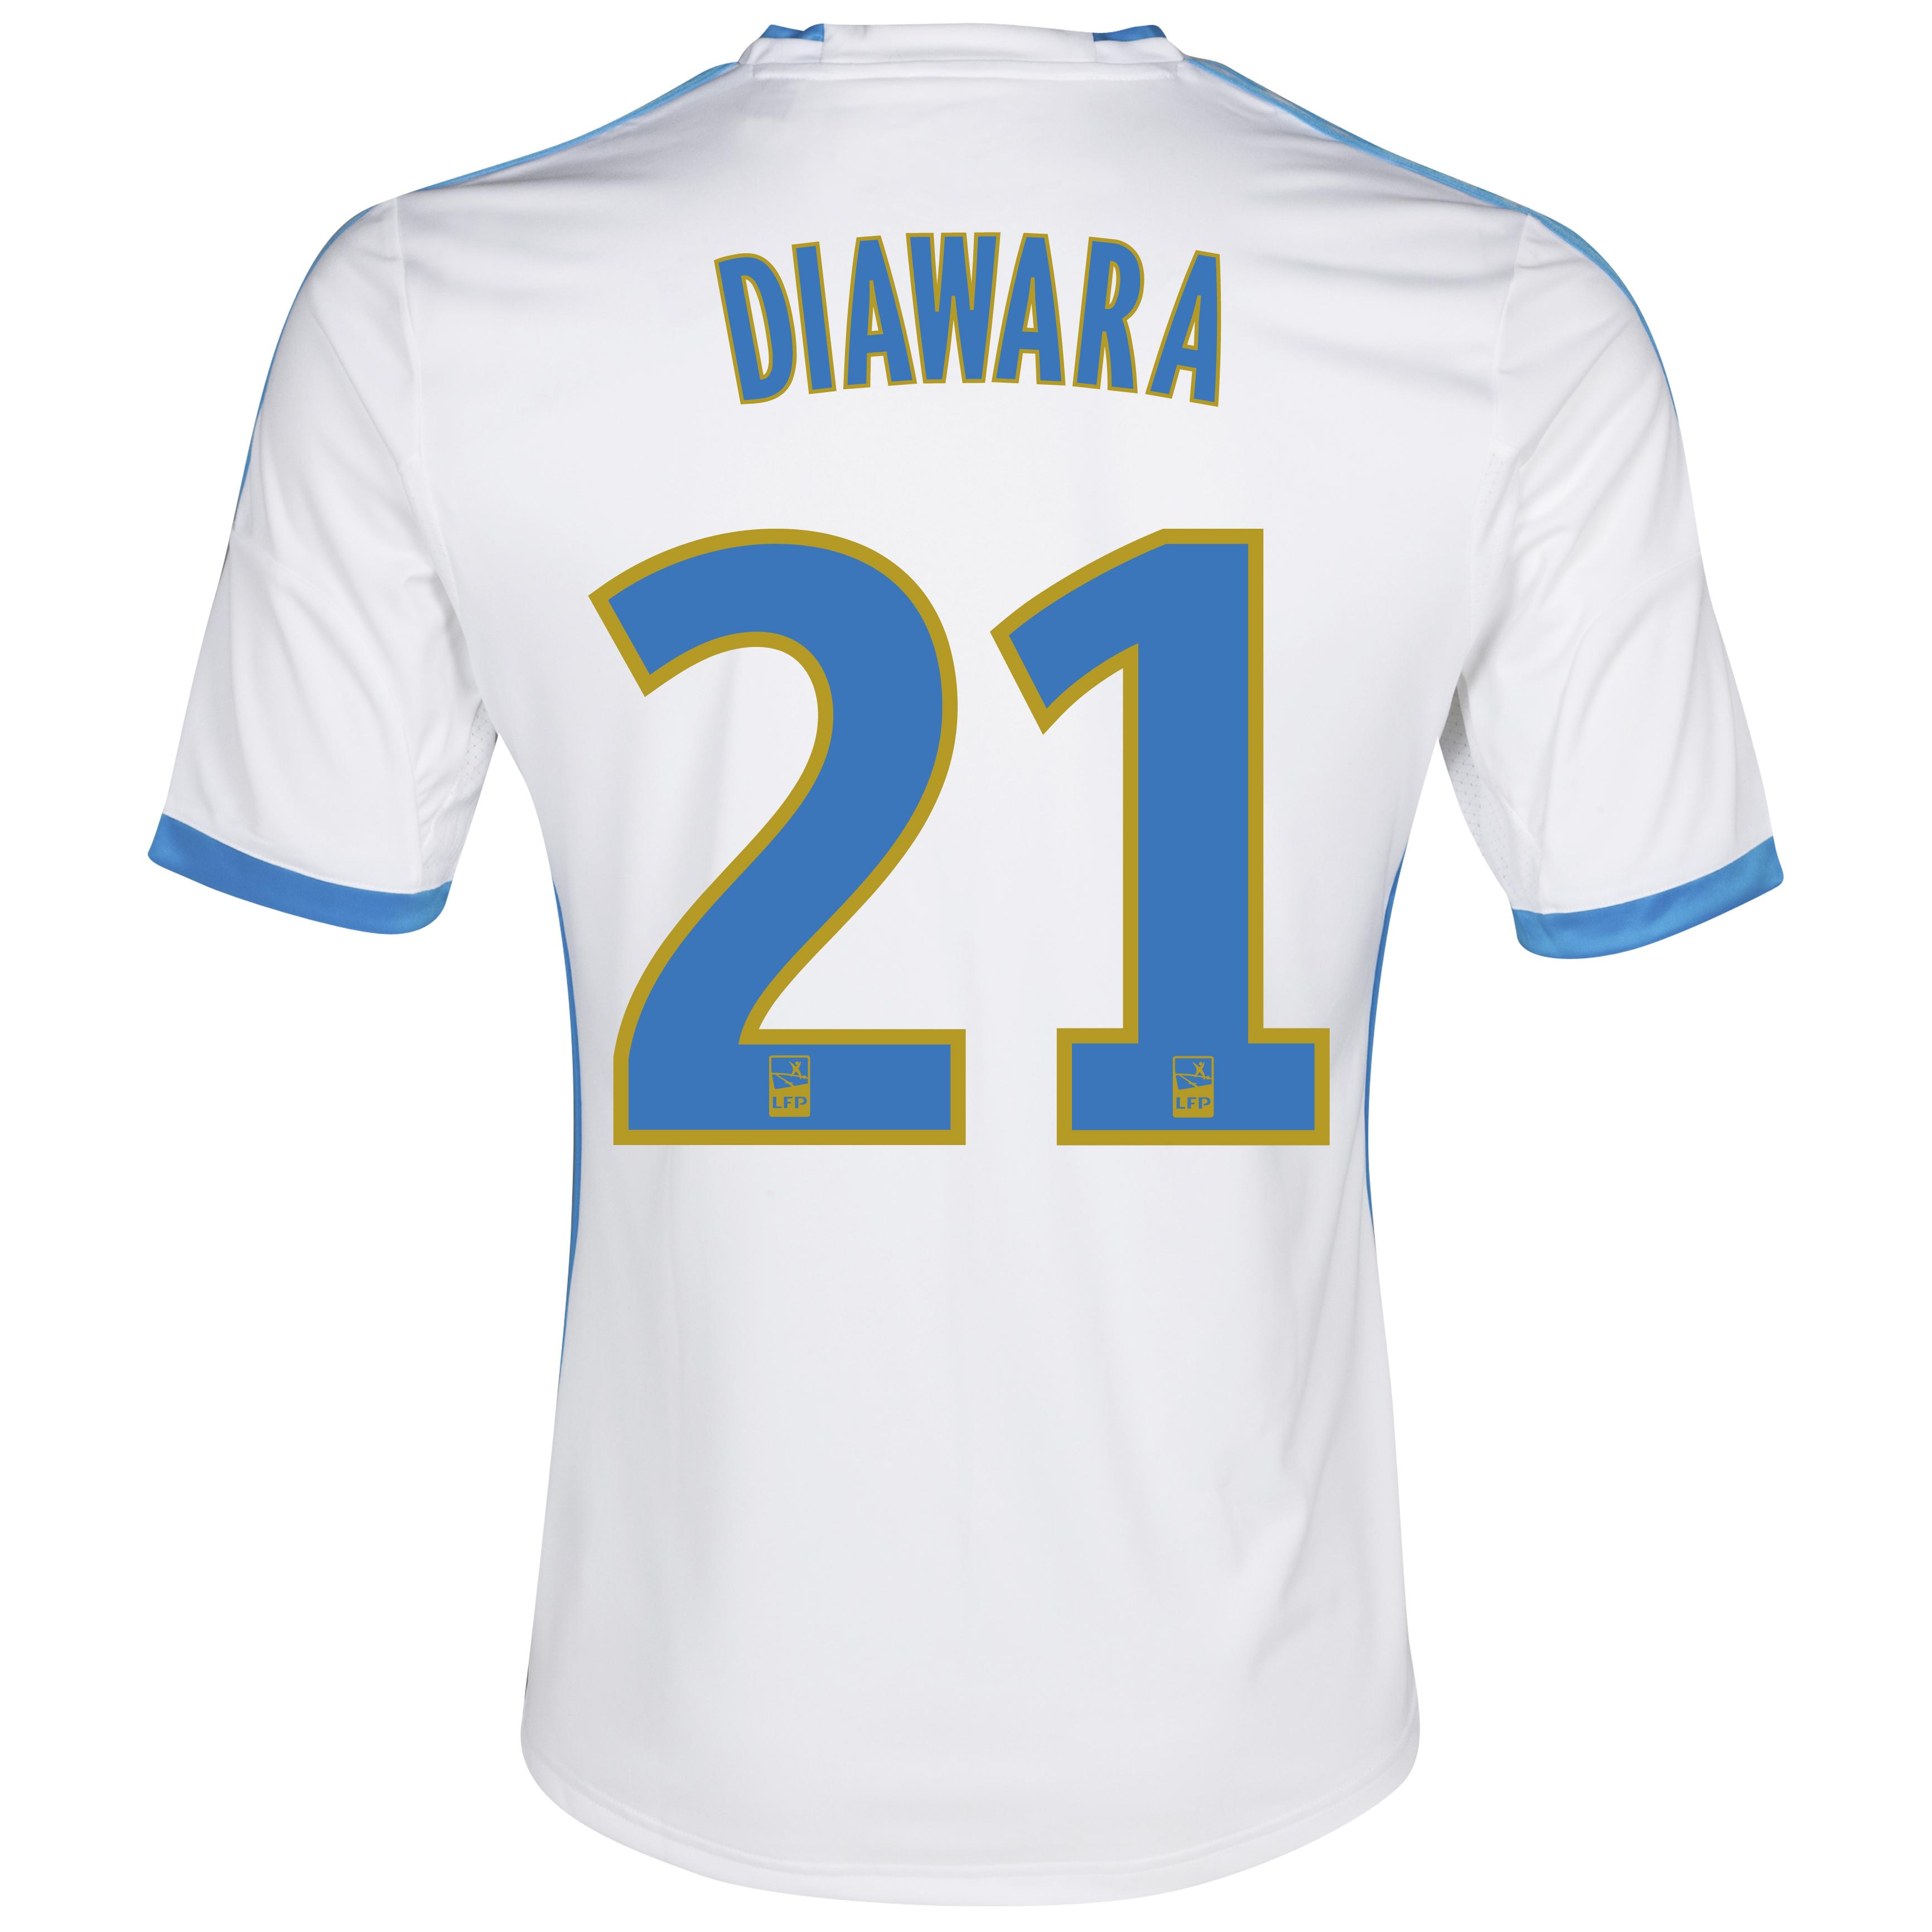 Olympique de Marseille Home Shirt SS 2013/14 - Womens White with Diawara 21 printing